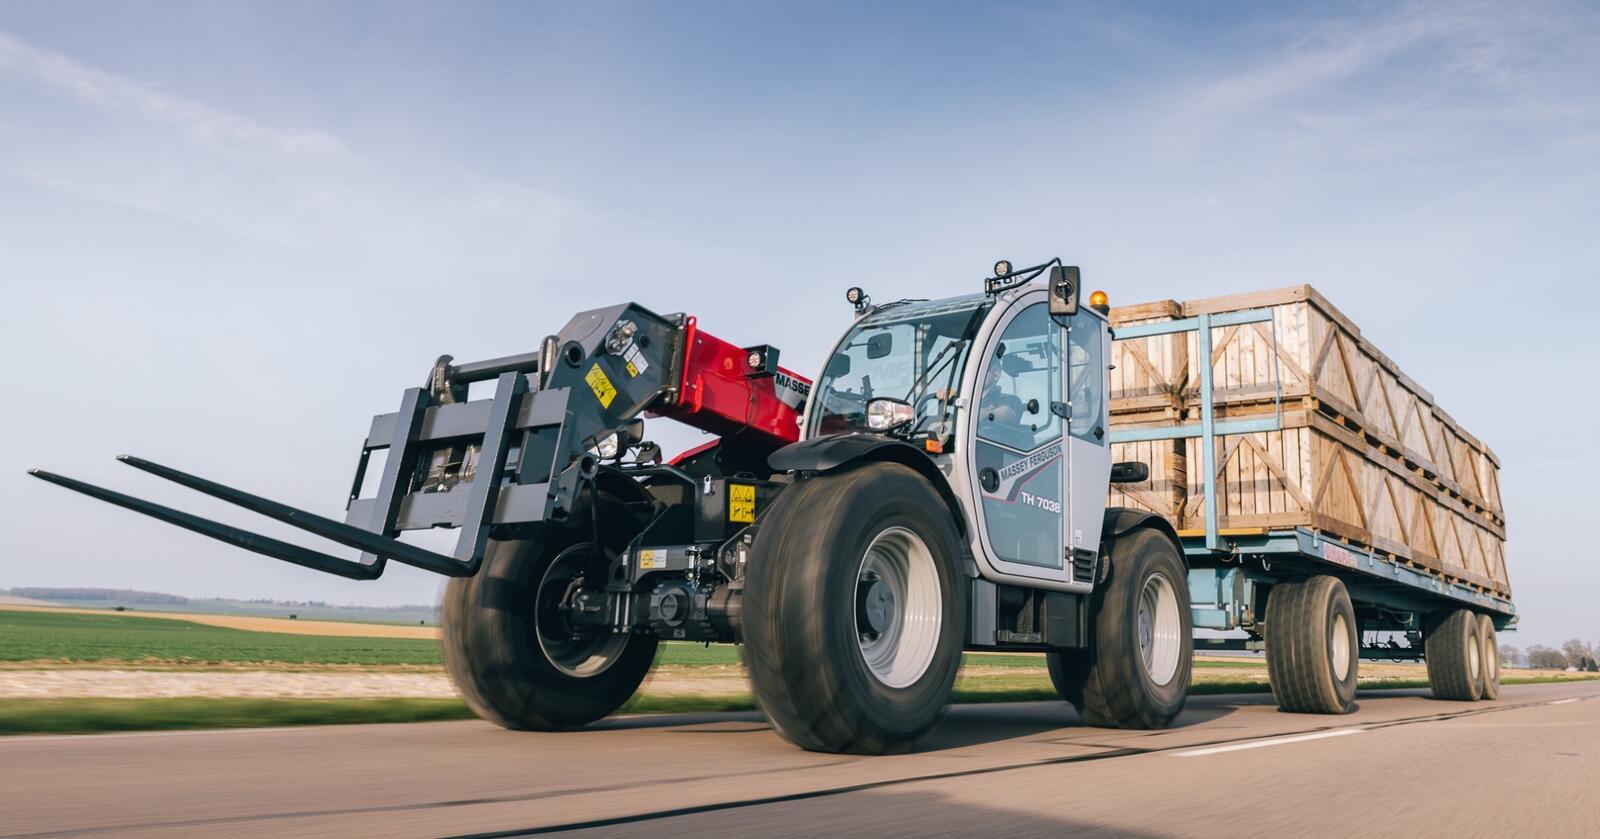 Toppmodell: MF TH 8043 har en motor på 135 hestekrefter, og løfter 4300 kilo hele 7,5 meter i været